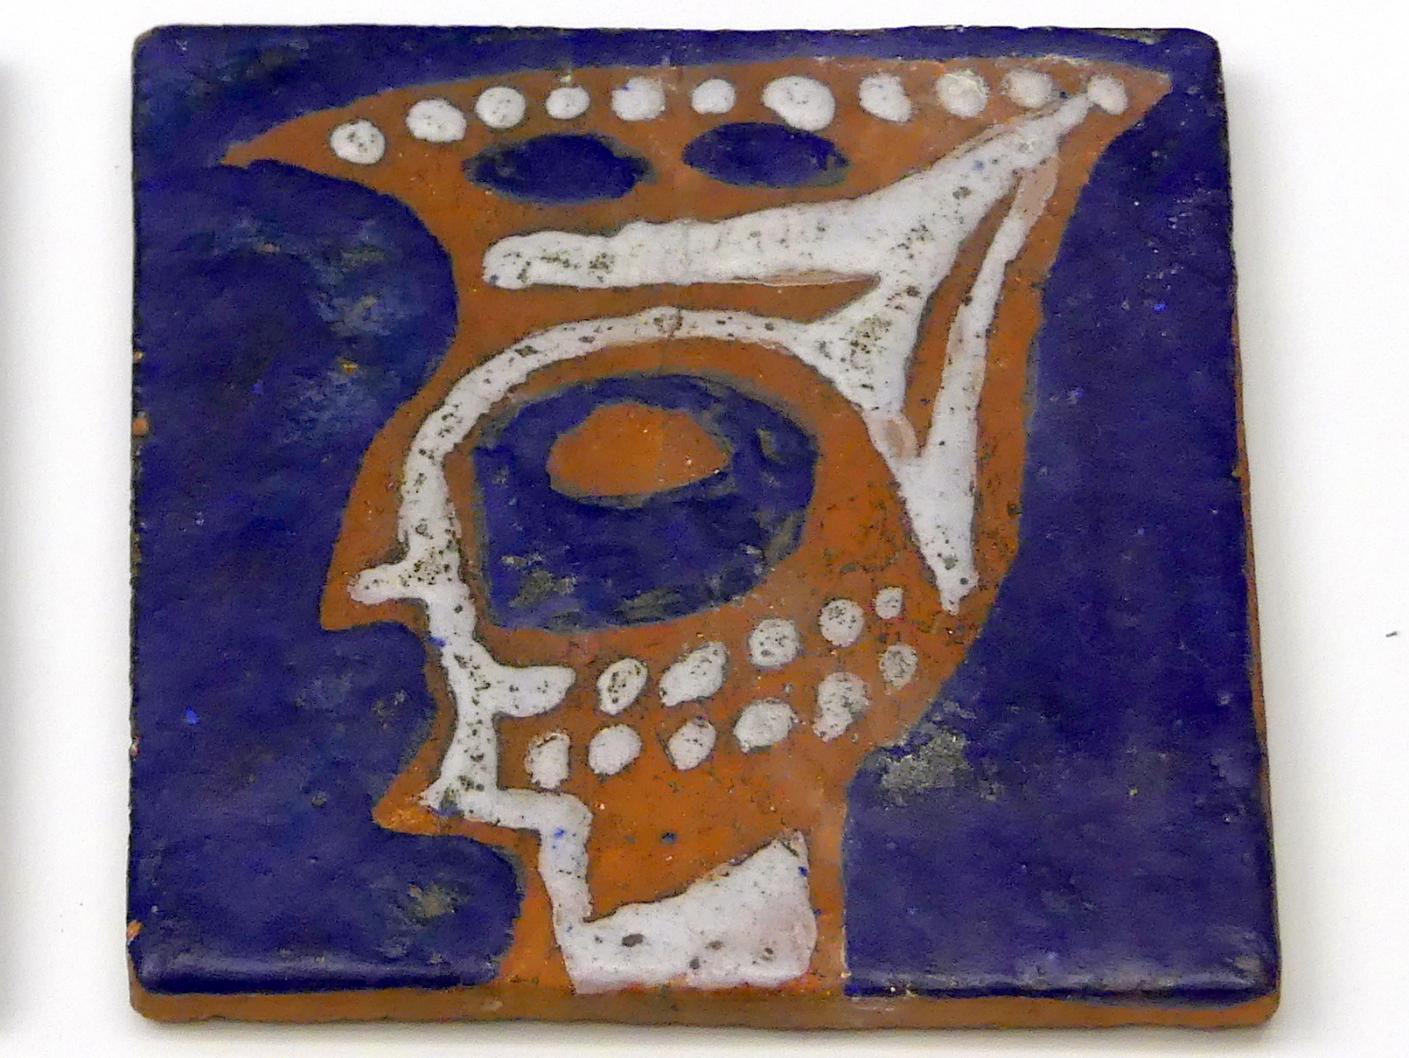 Werner Gilles: Phantastischer Kopf auf blauem Grund, um 1947 - 1949